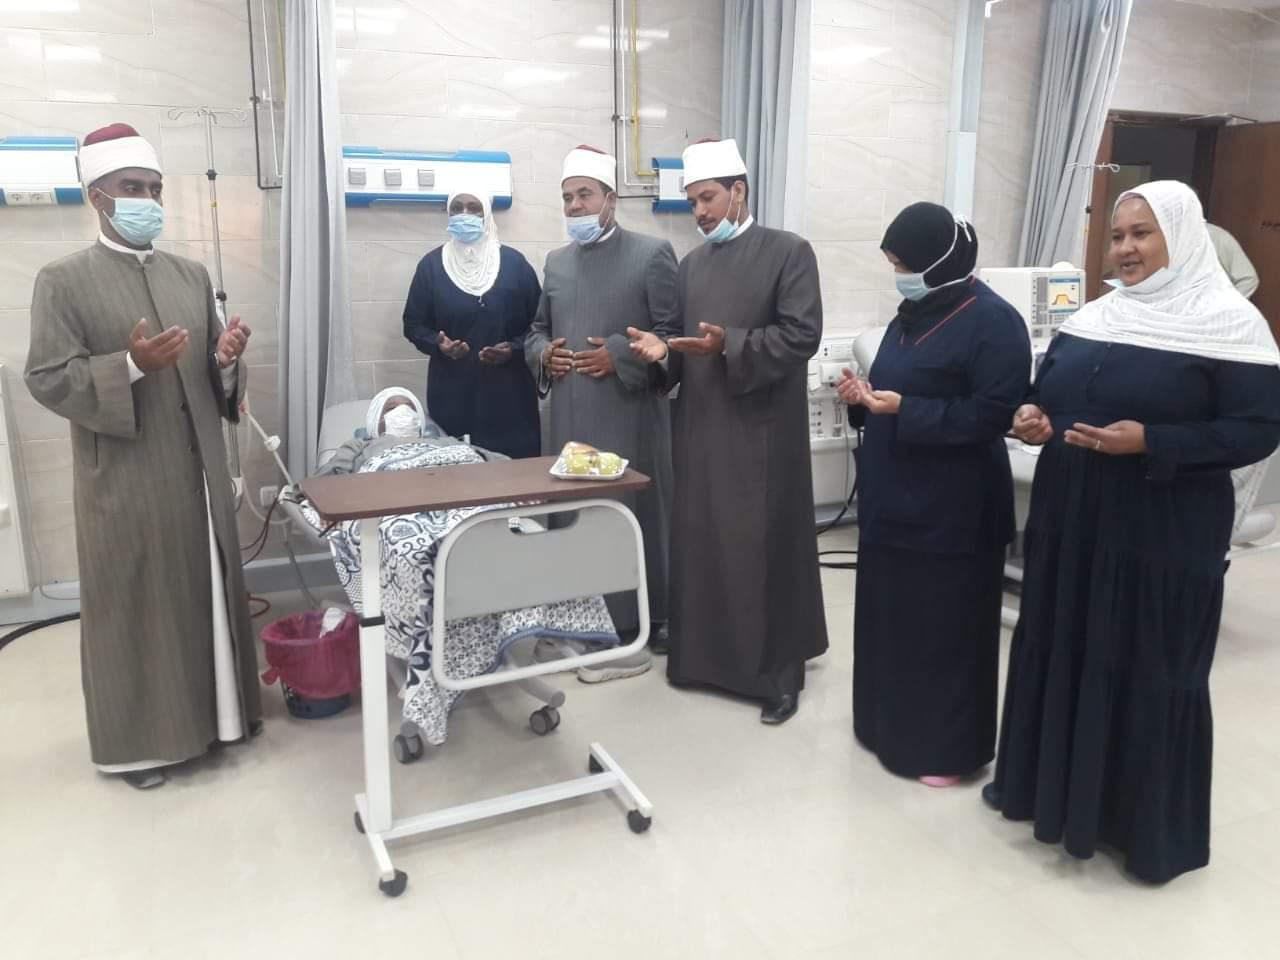 وفد من مشيخة الأزهر يزور مرضى المستشفى الجامعي بأسوان   صور